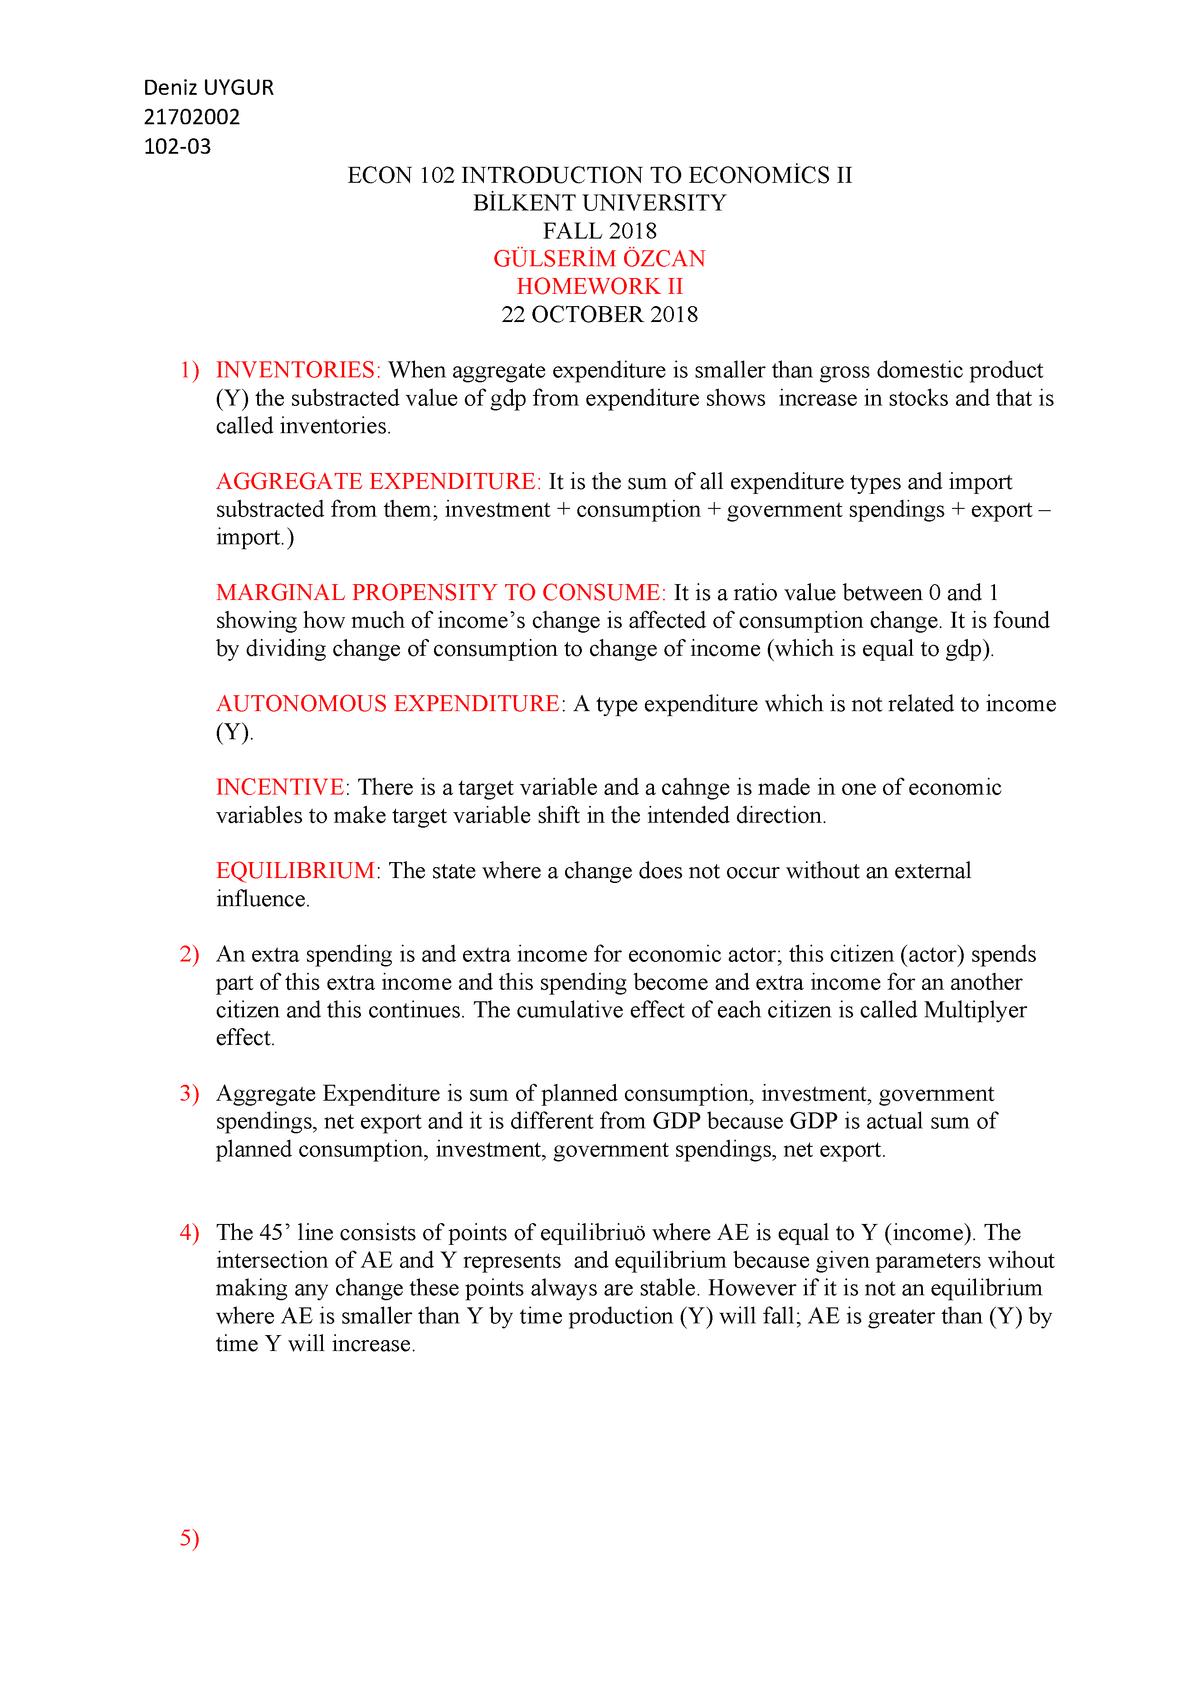 Exam 2018 - ECON 405: Issues in Macro Economics - StuDocu